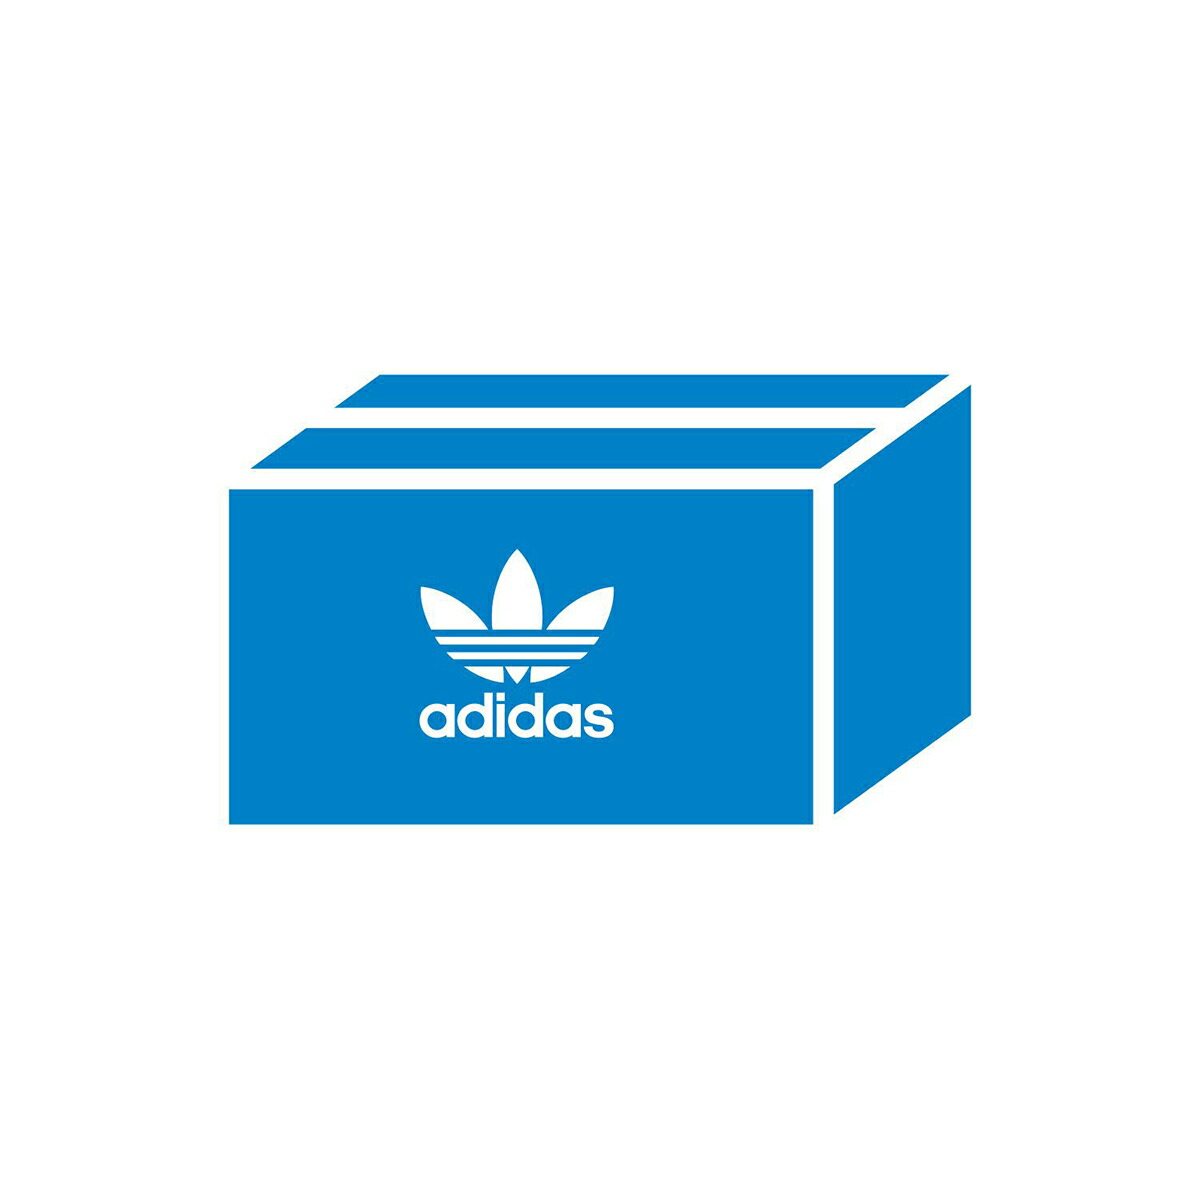 予約開始!アディダスのlucky box(福袋) 2021が登場!